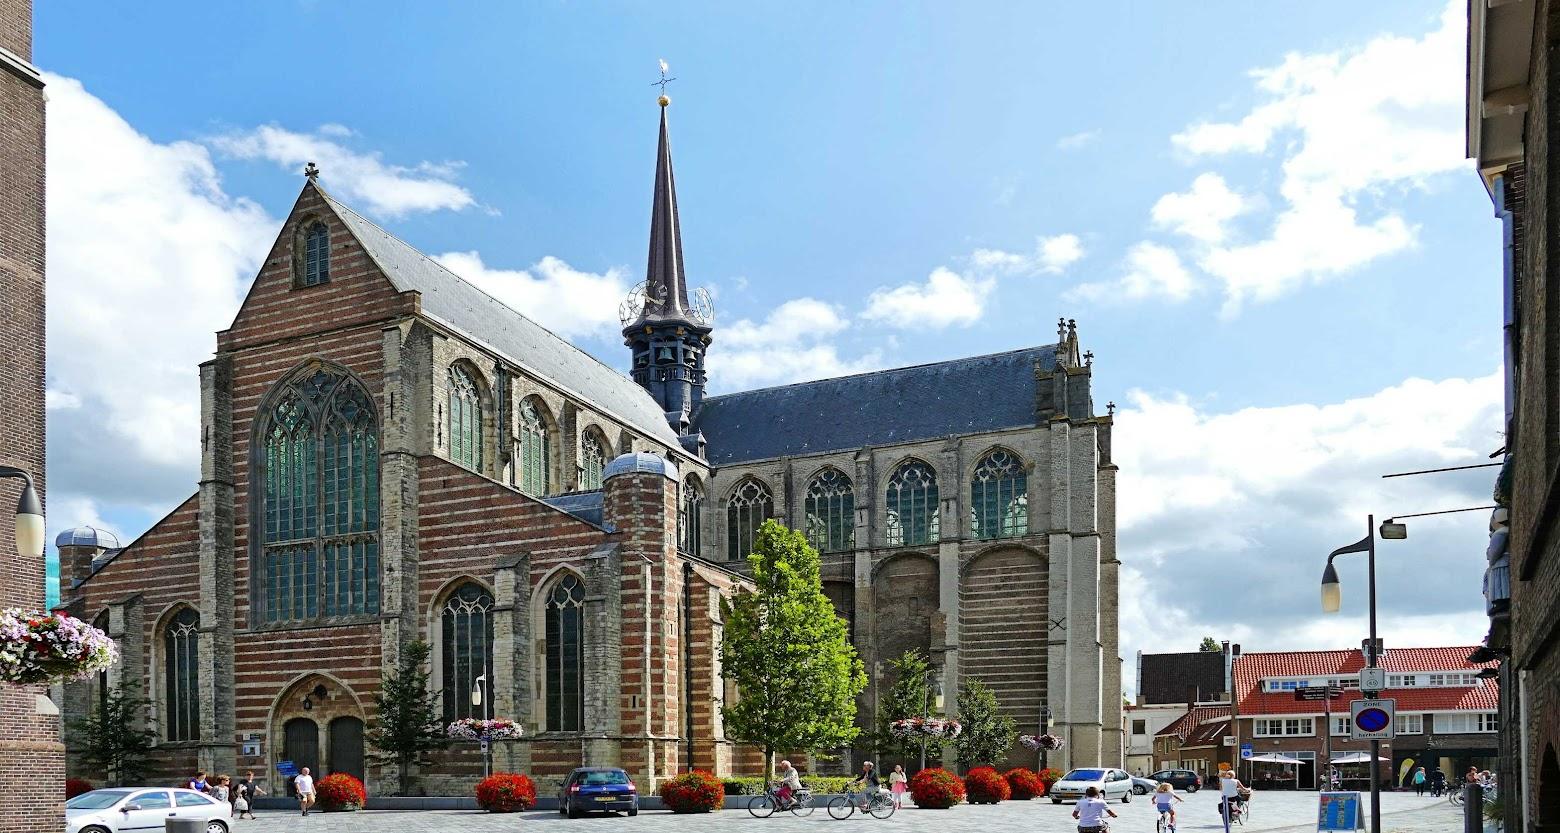 Aangeboden door: Stichting Microtoerisme InZicht Fotoblog Goes protestantse Maria Magdalena kerk